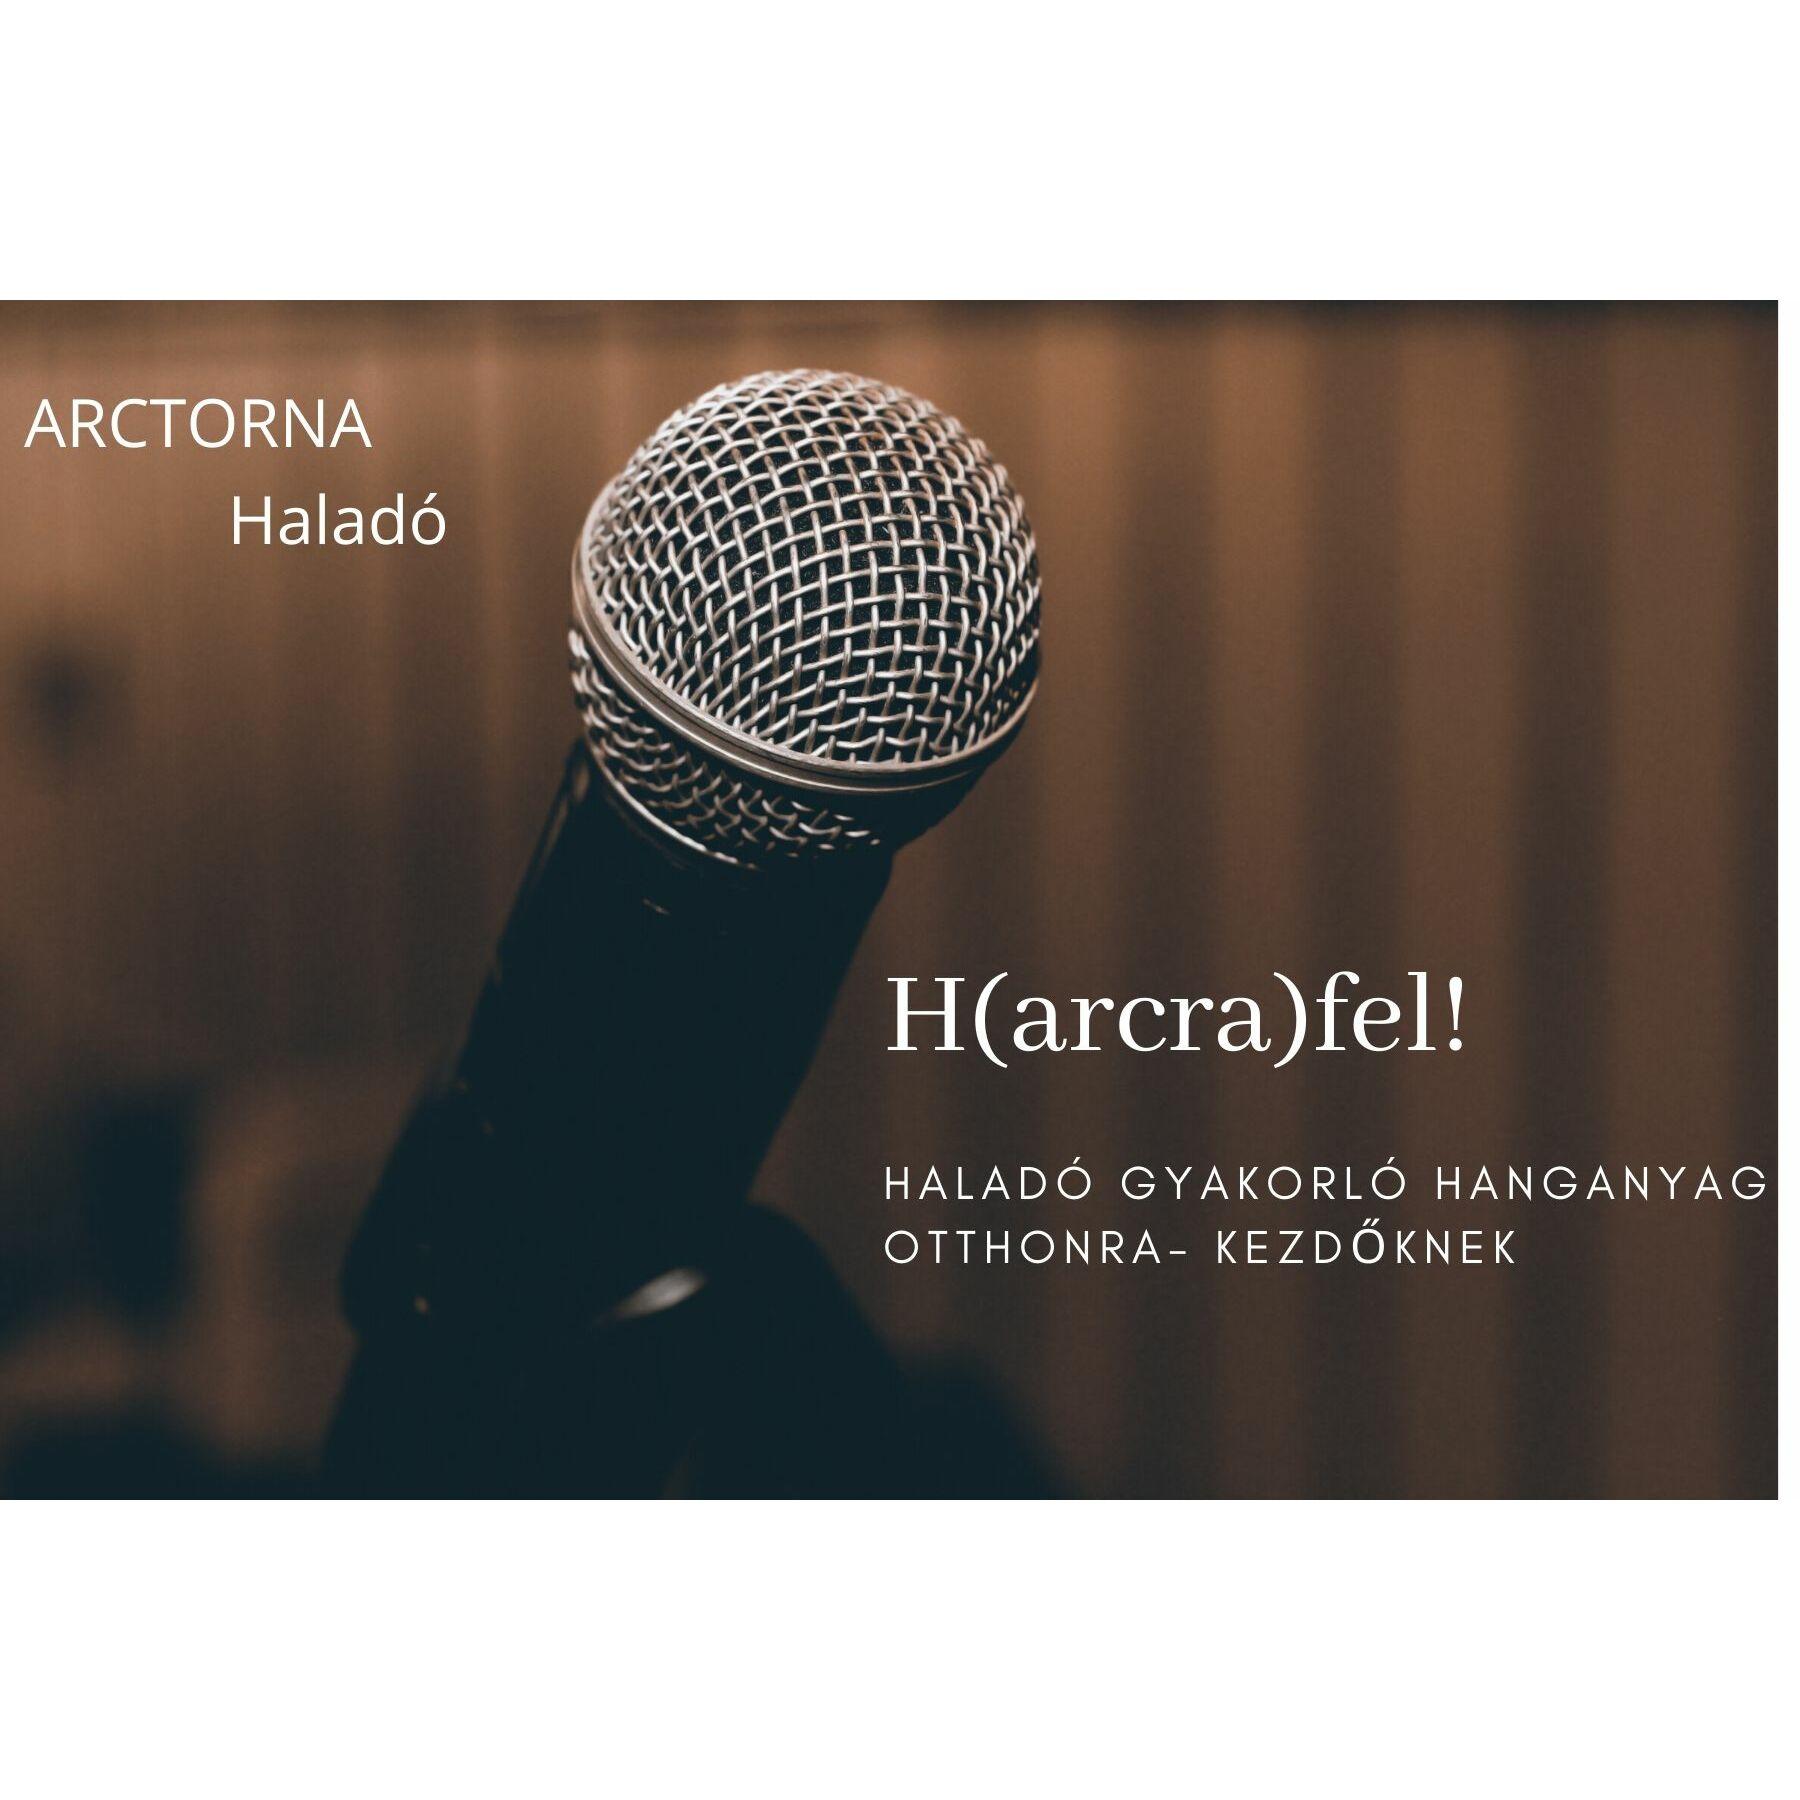 H(ARCRA)FEL! ONLINE GYAKORLÓ PROGRAM KEZDŐKNEK I.-IV. NEGYEDÉVEK